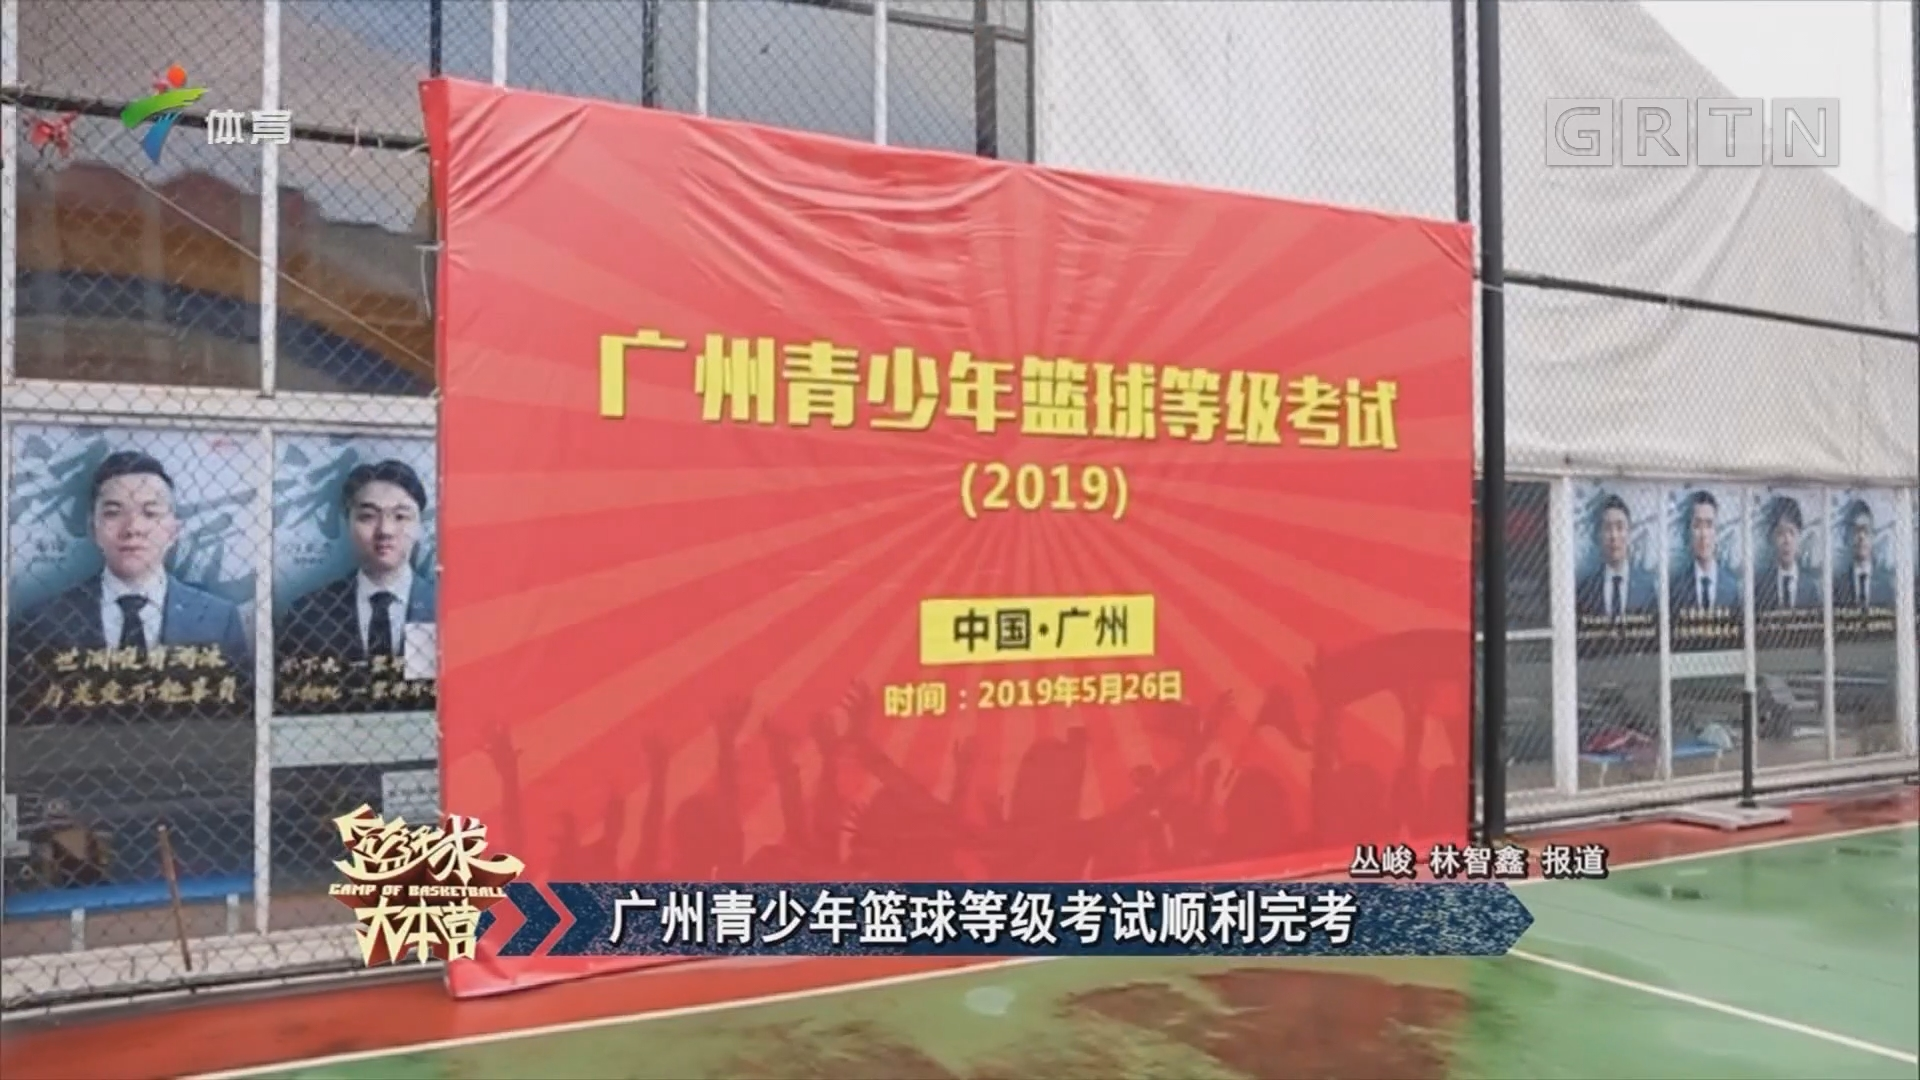 广州青少年篮球等级考试顺利完考